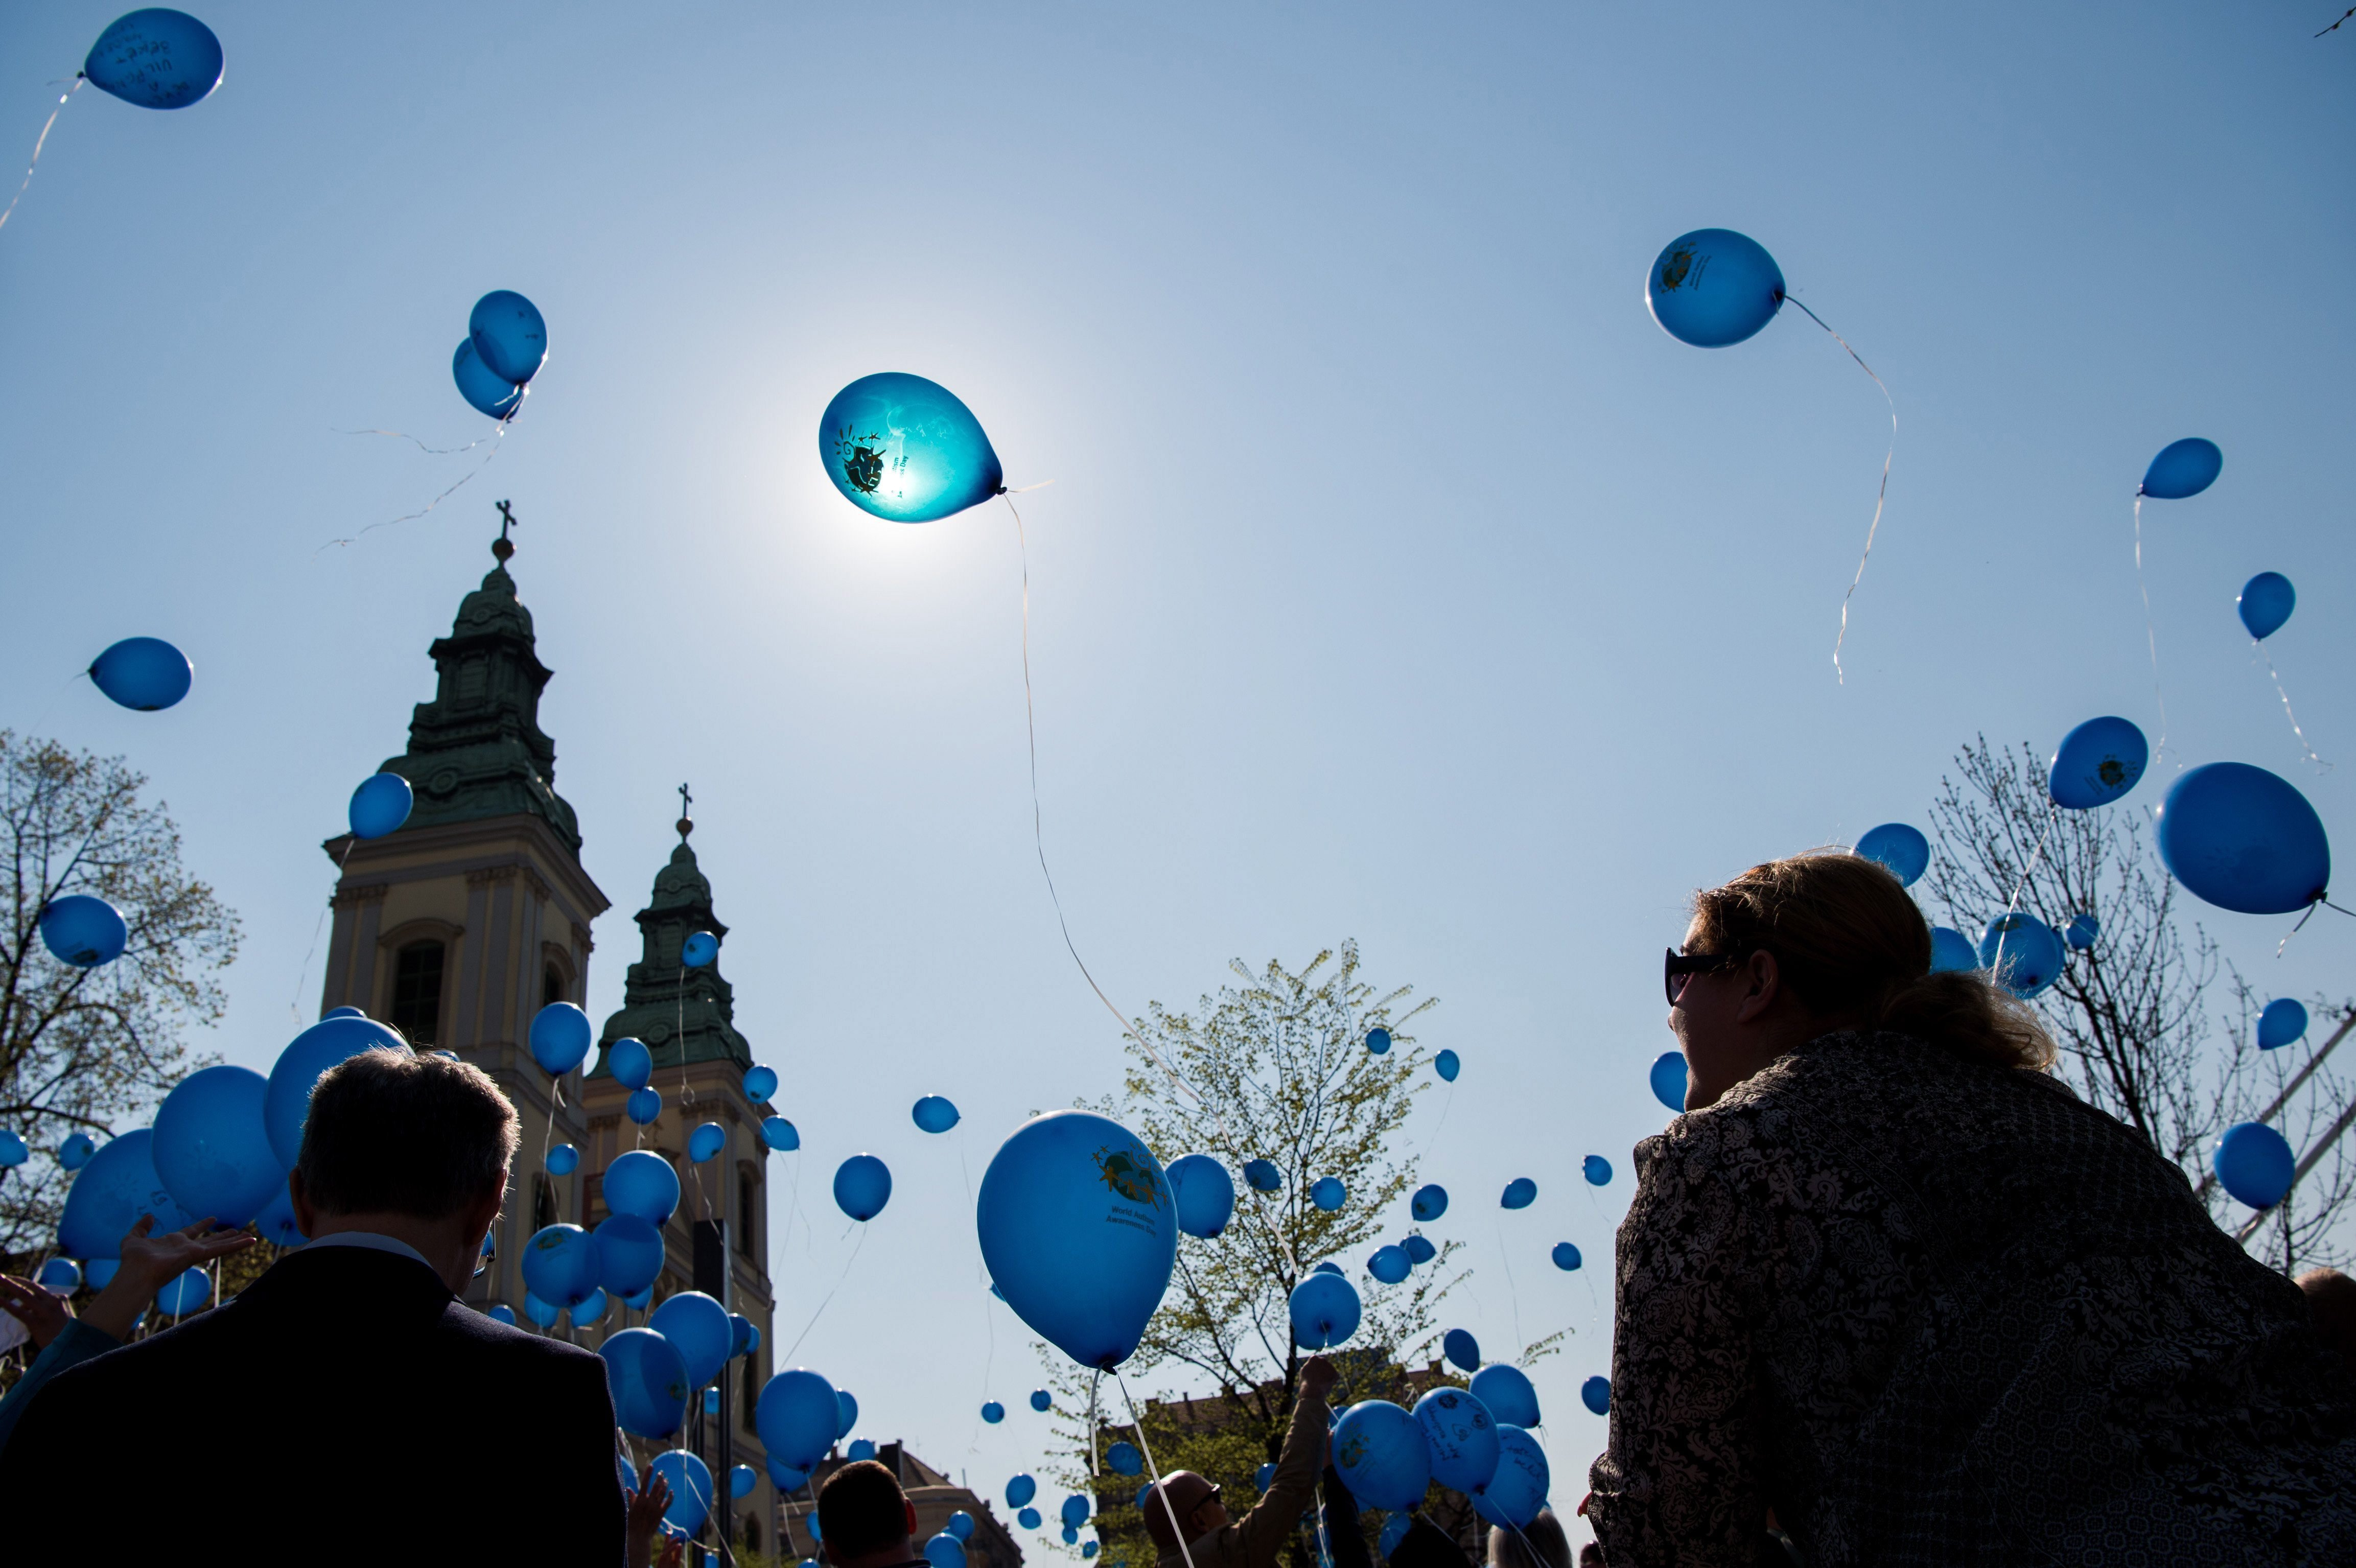 Kék léggömbök szálltak a magasba az egész országban az autizmus világnapján